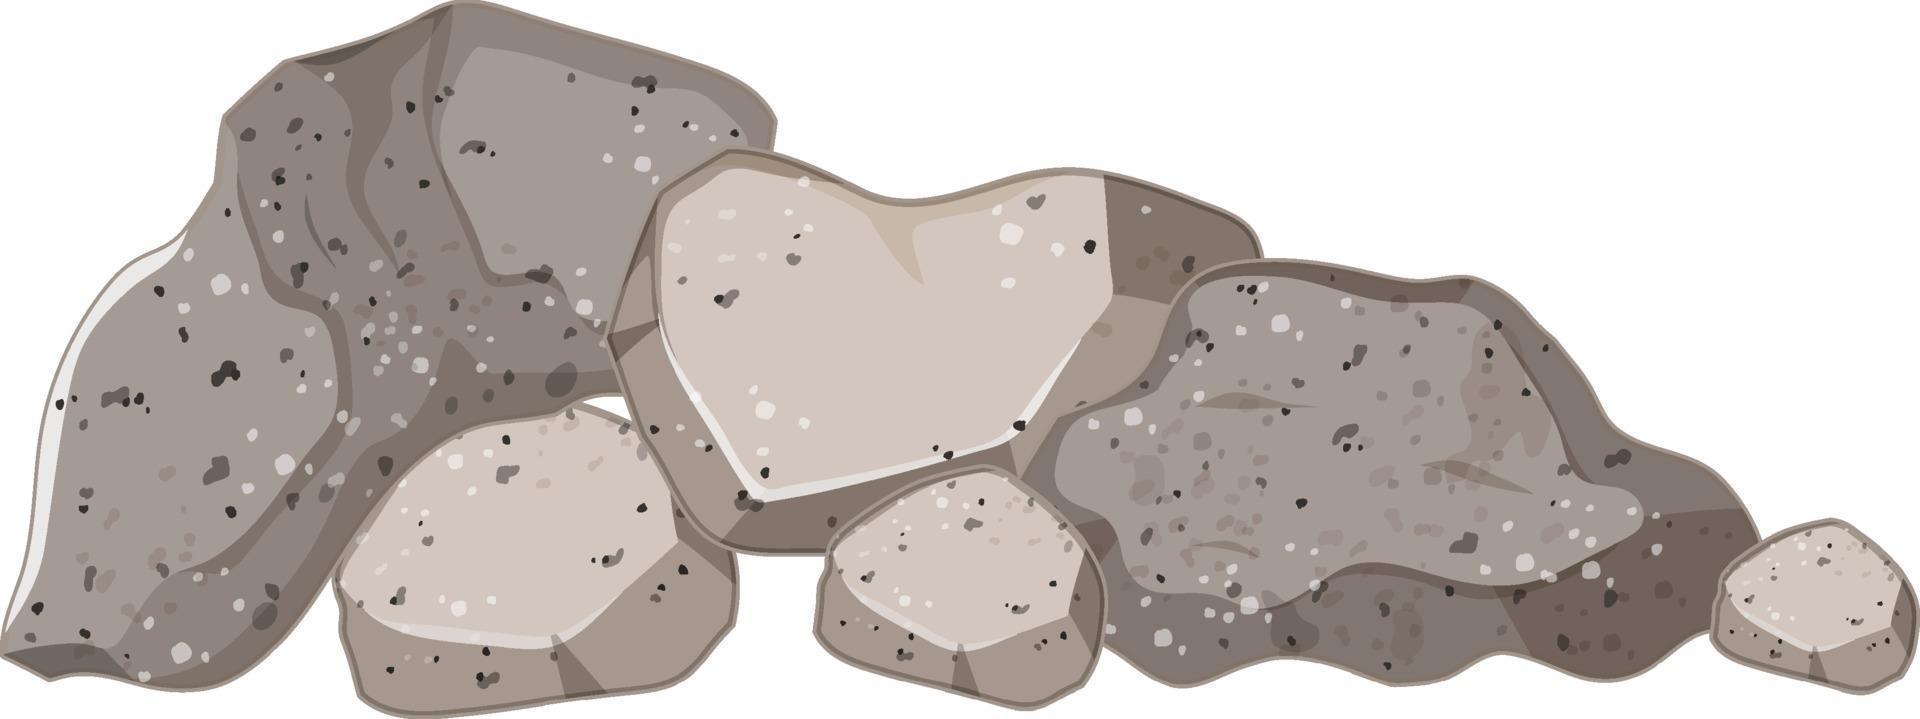 ensemble de pierres grises sur fond blanc vecteur